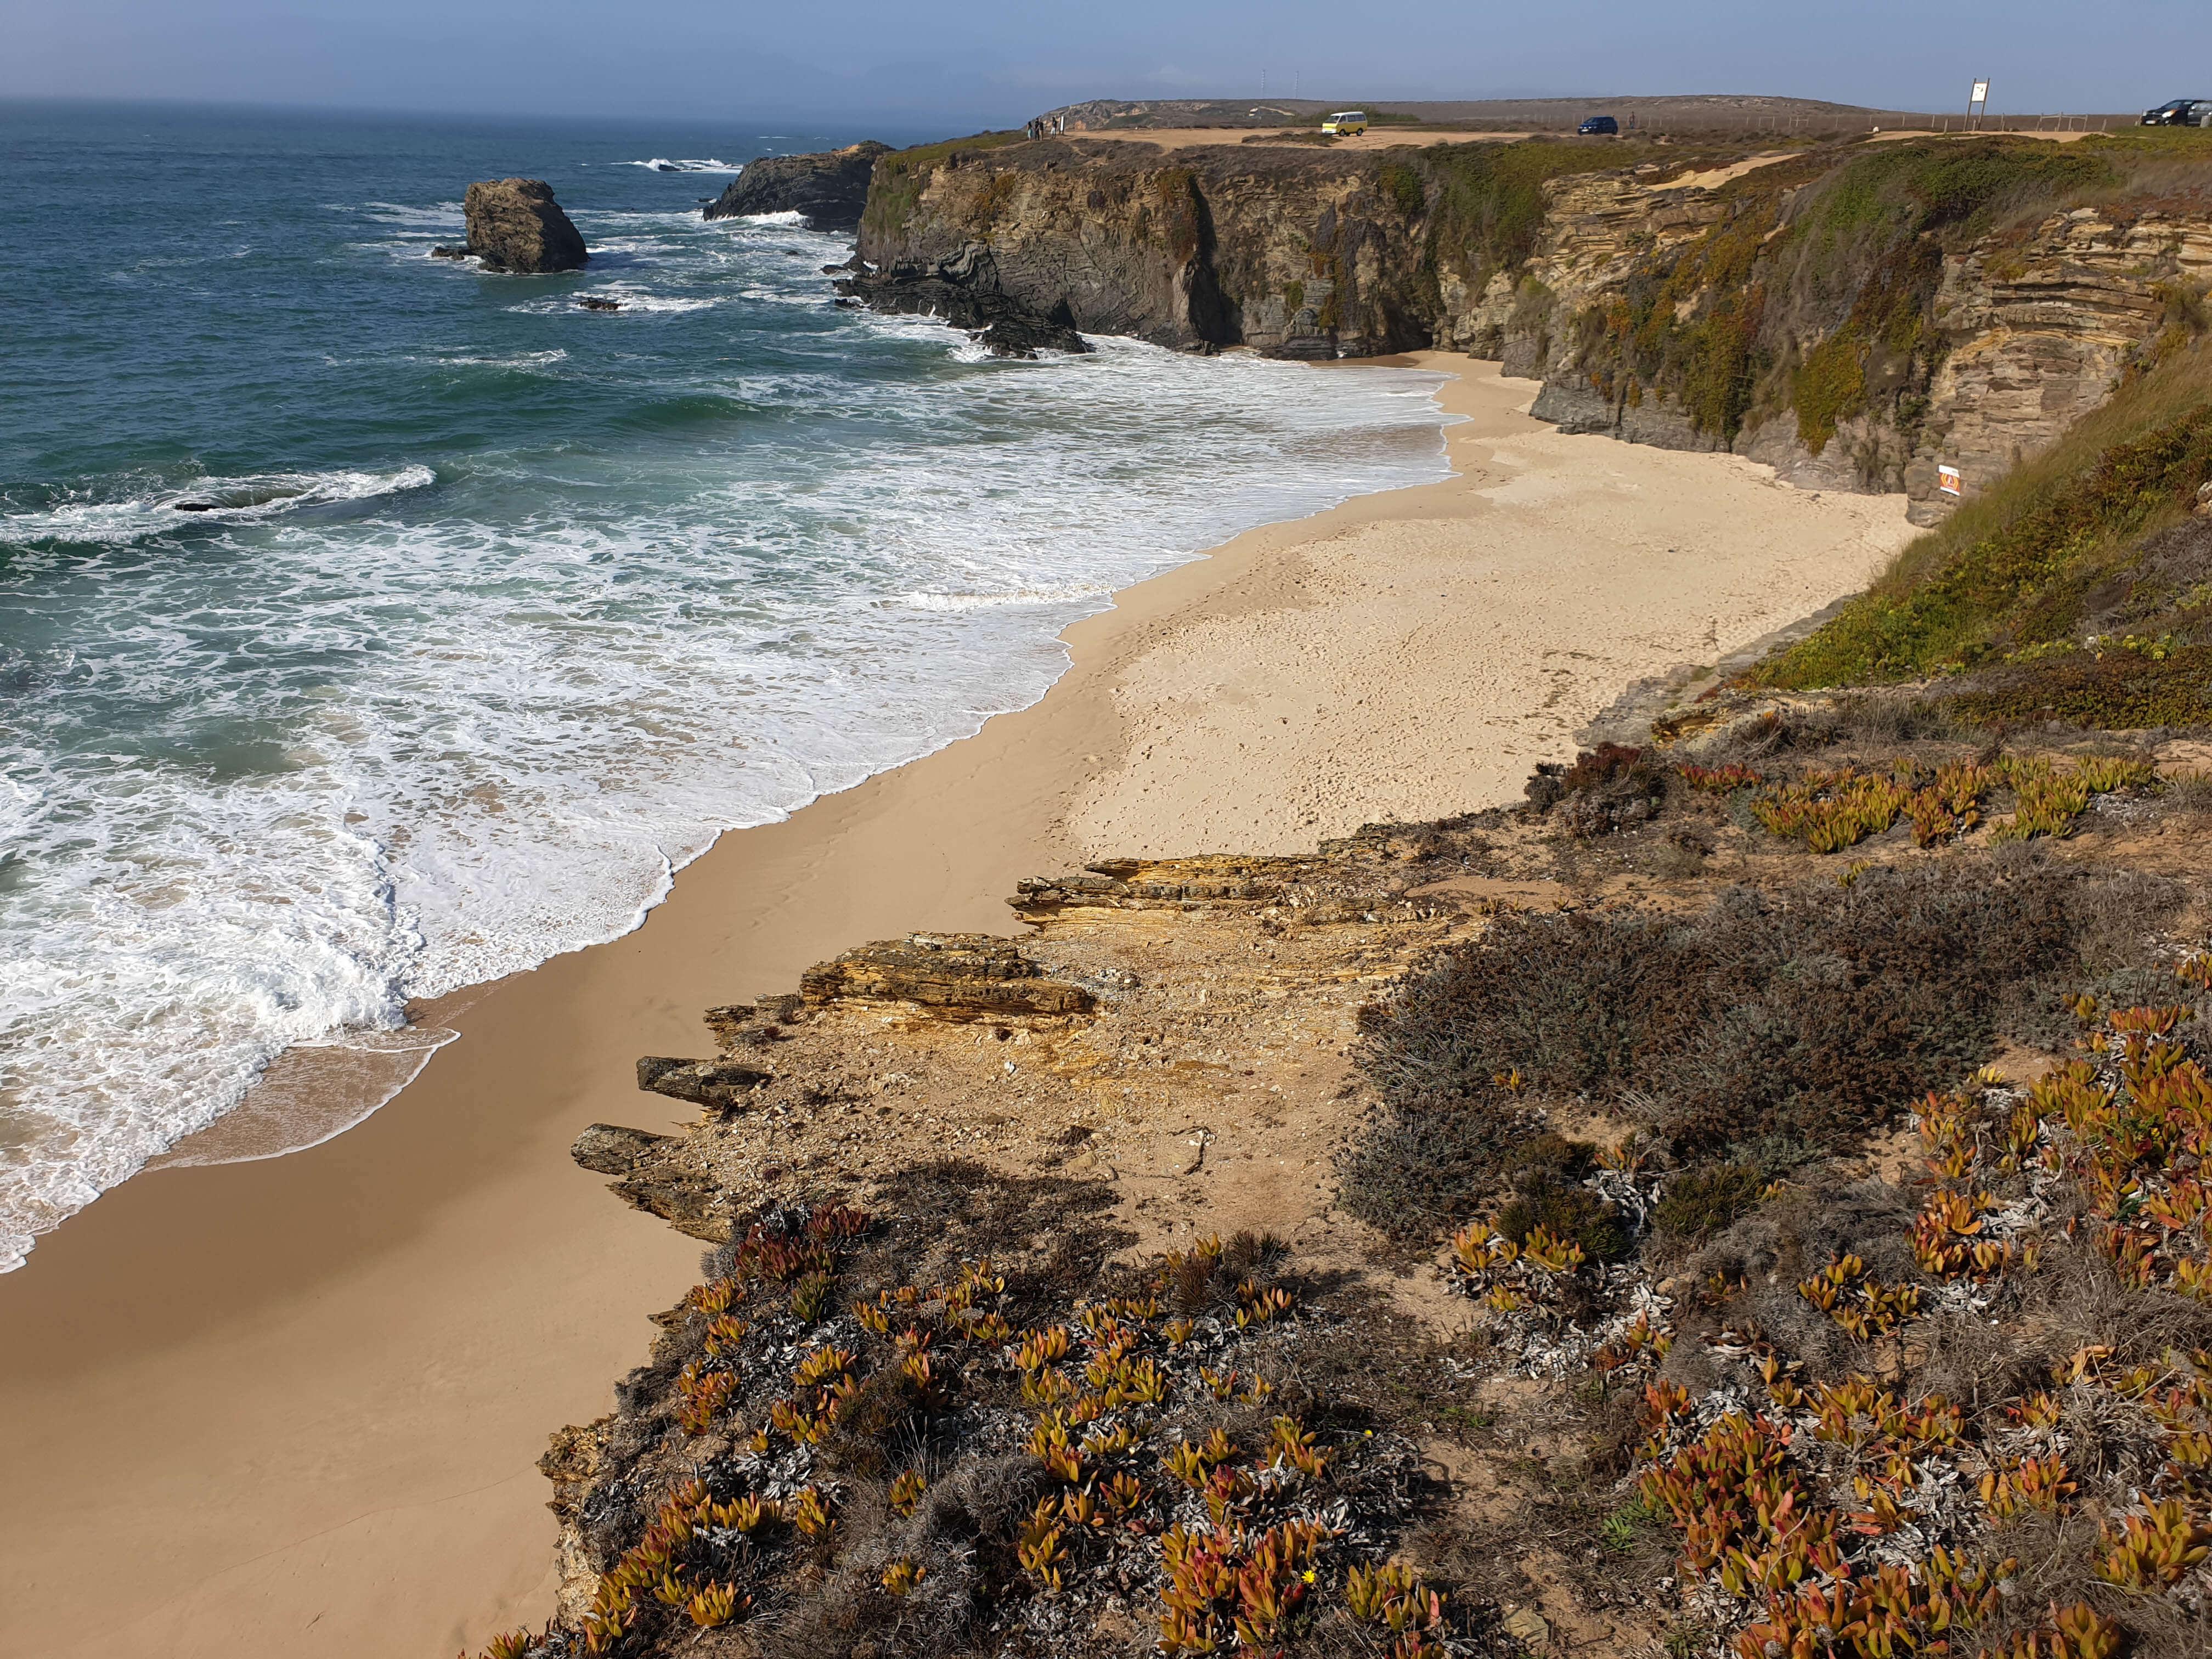 Mooiste stranden Alentejo kust, ontdek ze tijdens je vakantie!